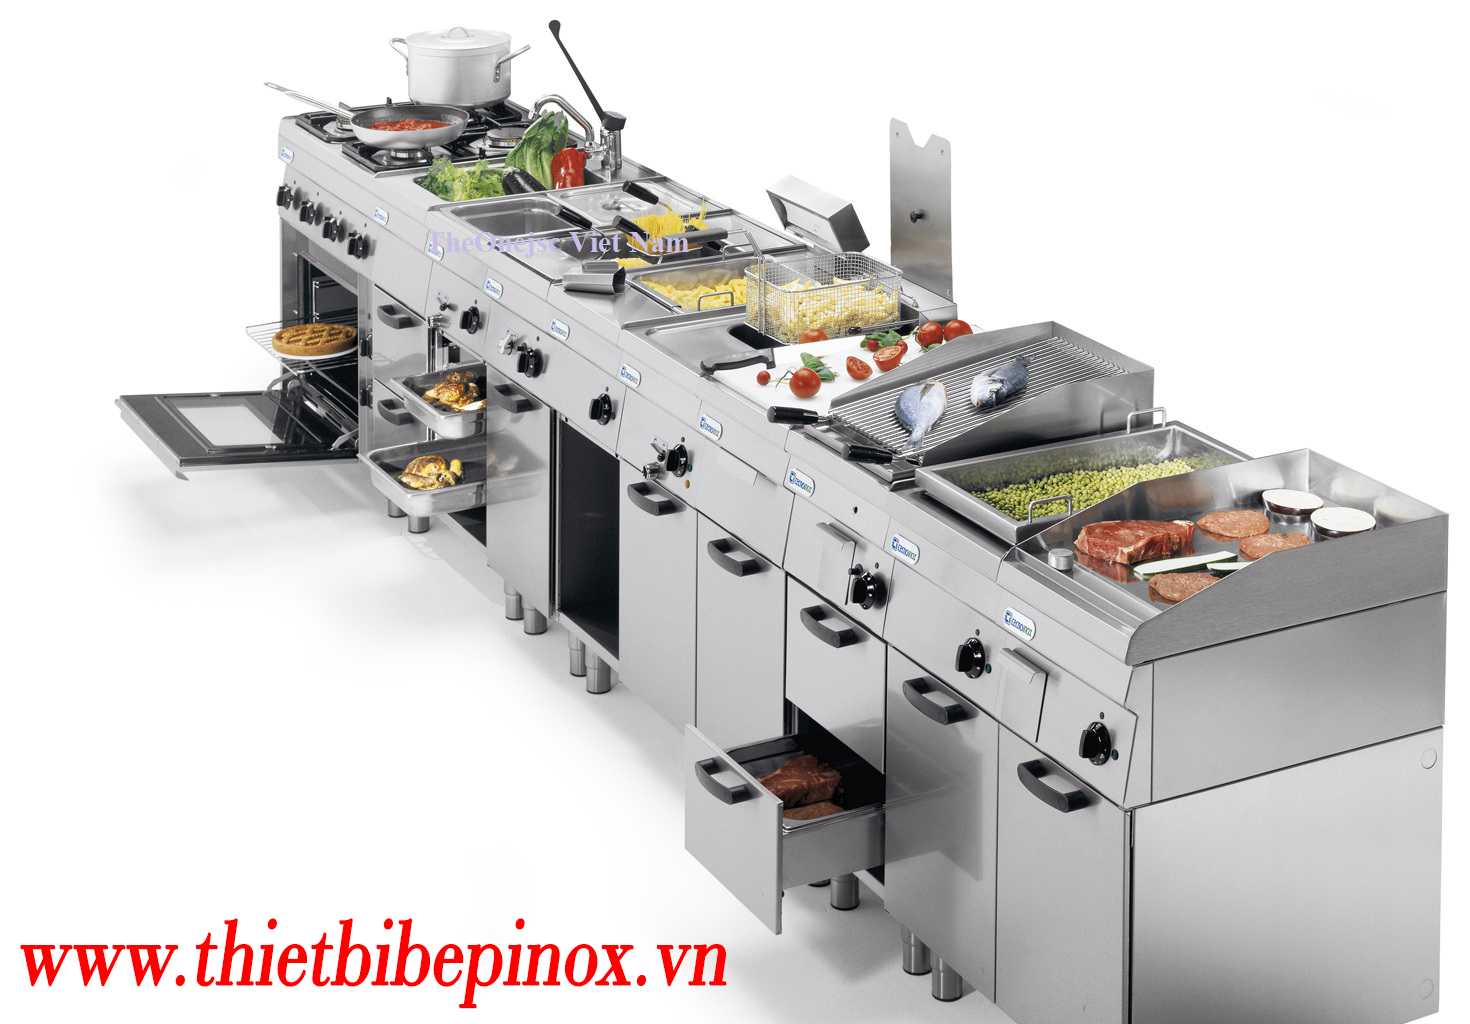 Chọn thiết bị bếp inox công nghiệp theo năng suất